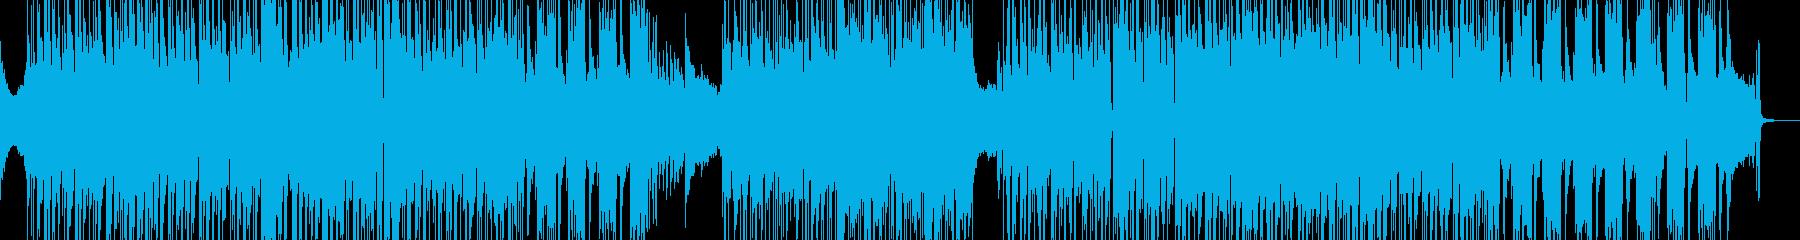 オシャレでシック・疾走するビート 短尺の再生済みの波形